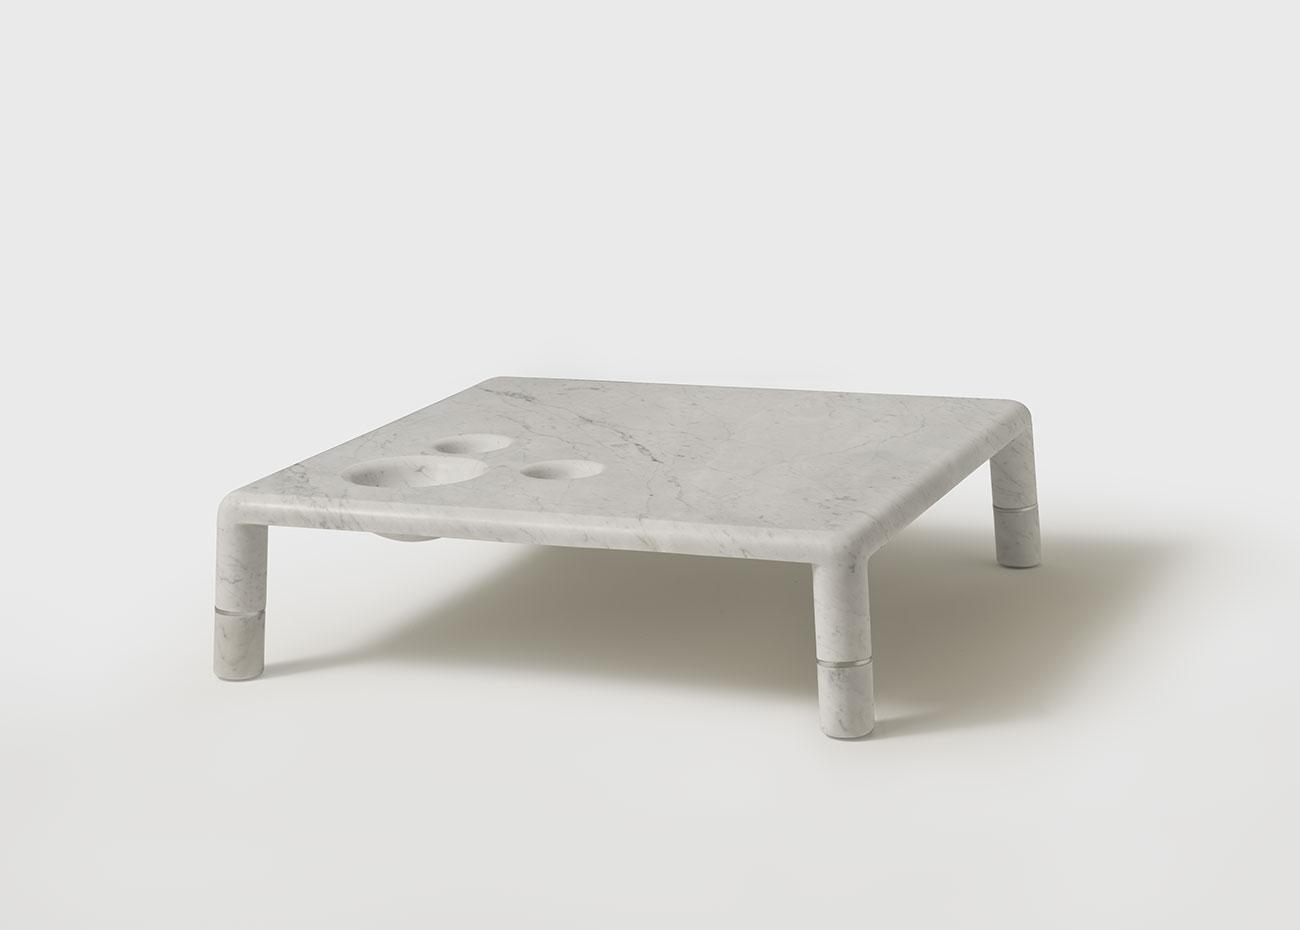 oslo-design-collection-tavolino-in-marmo